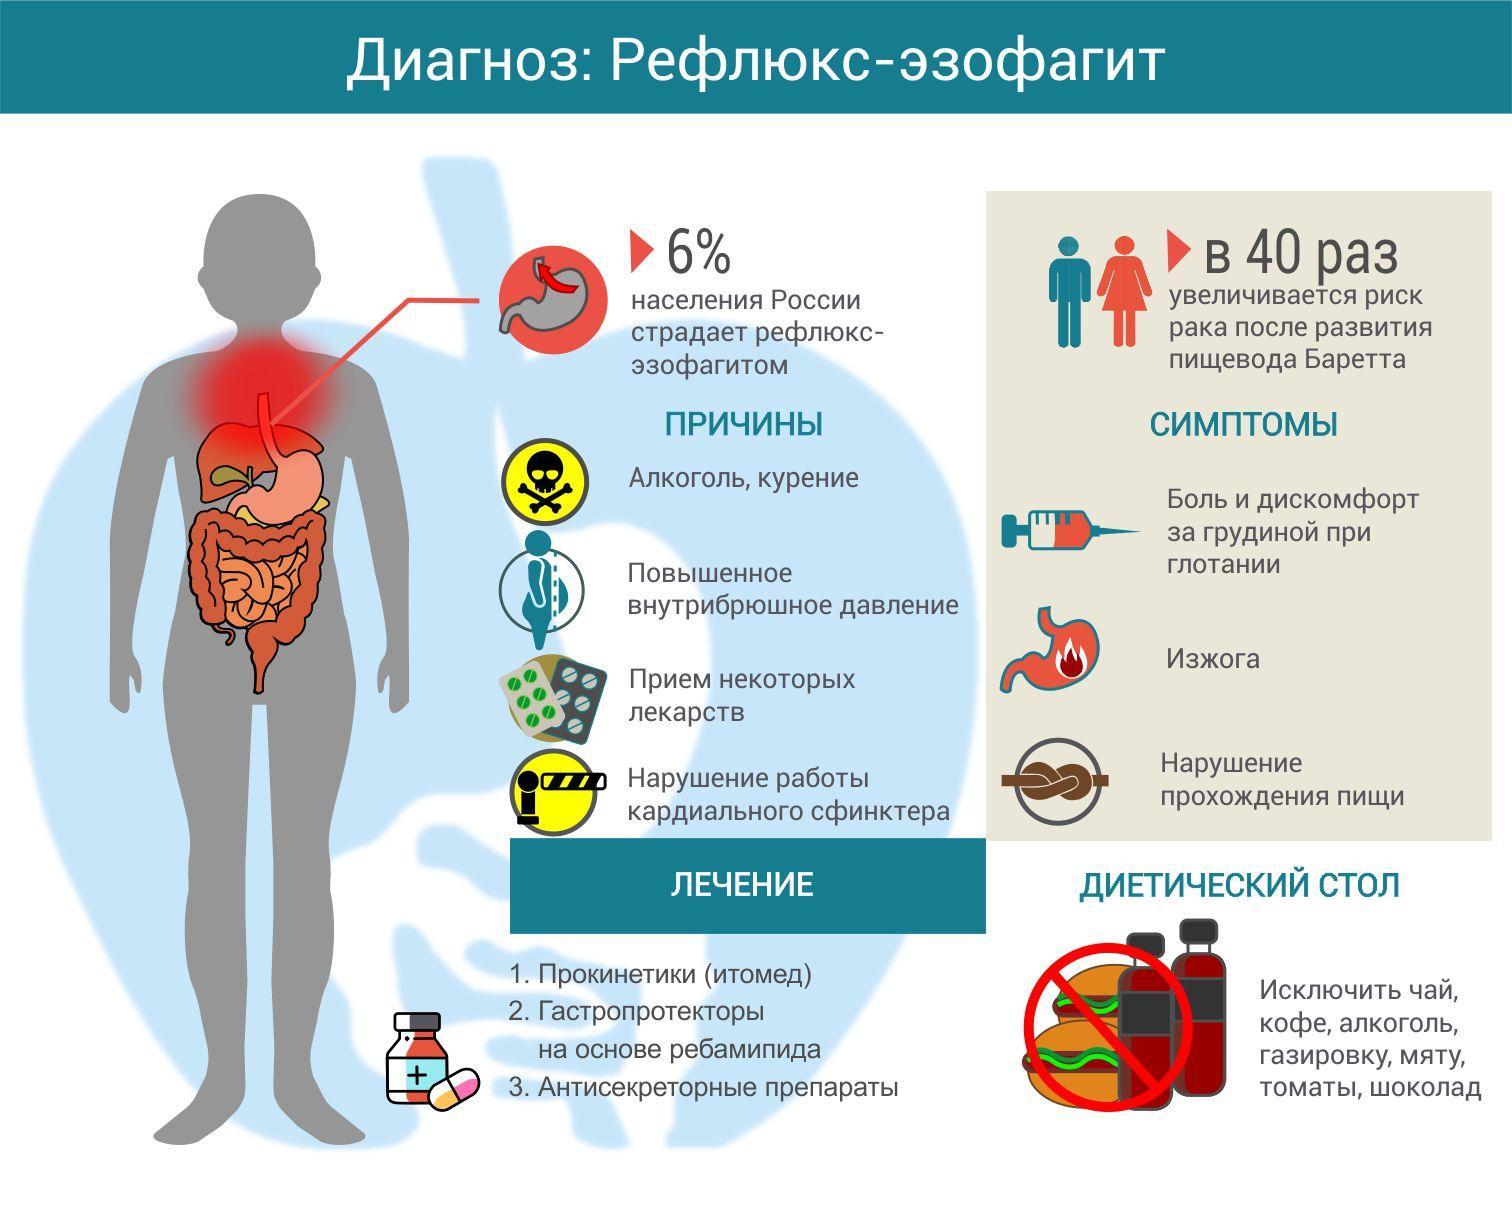 Лечение воспаления пищевода